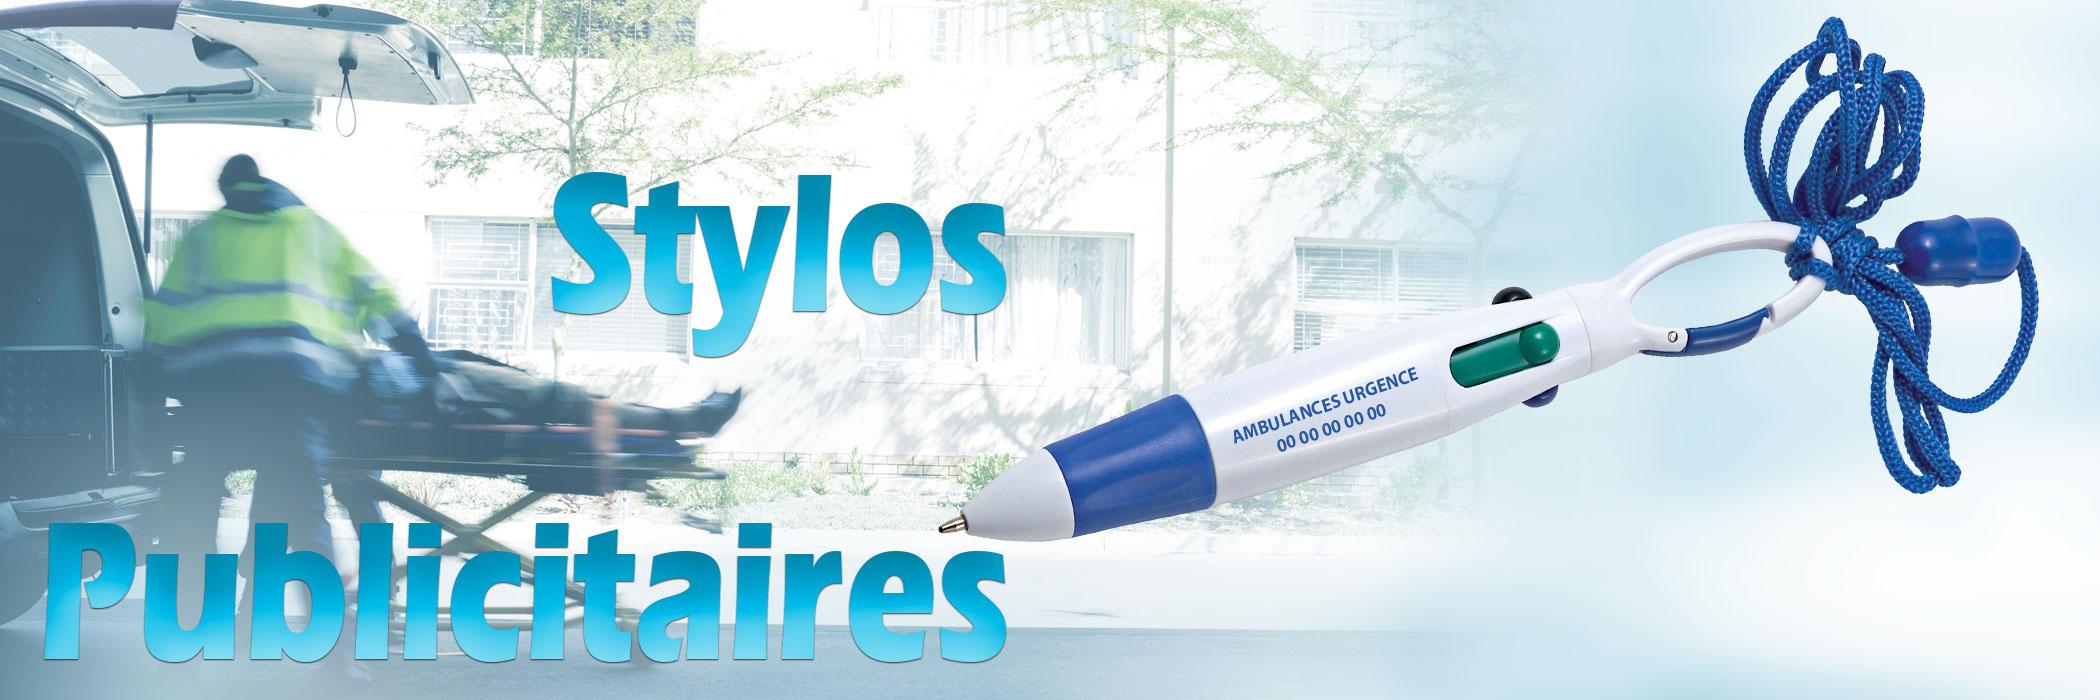 Stylos publicitaires pour les ambulanciers